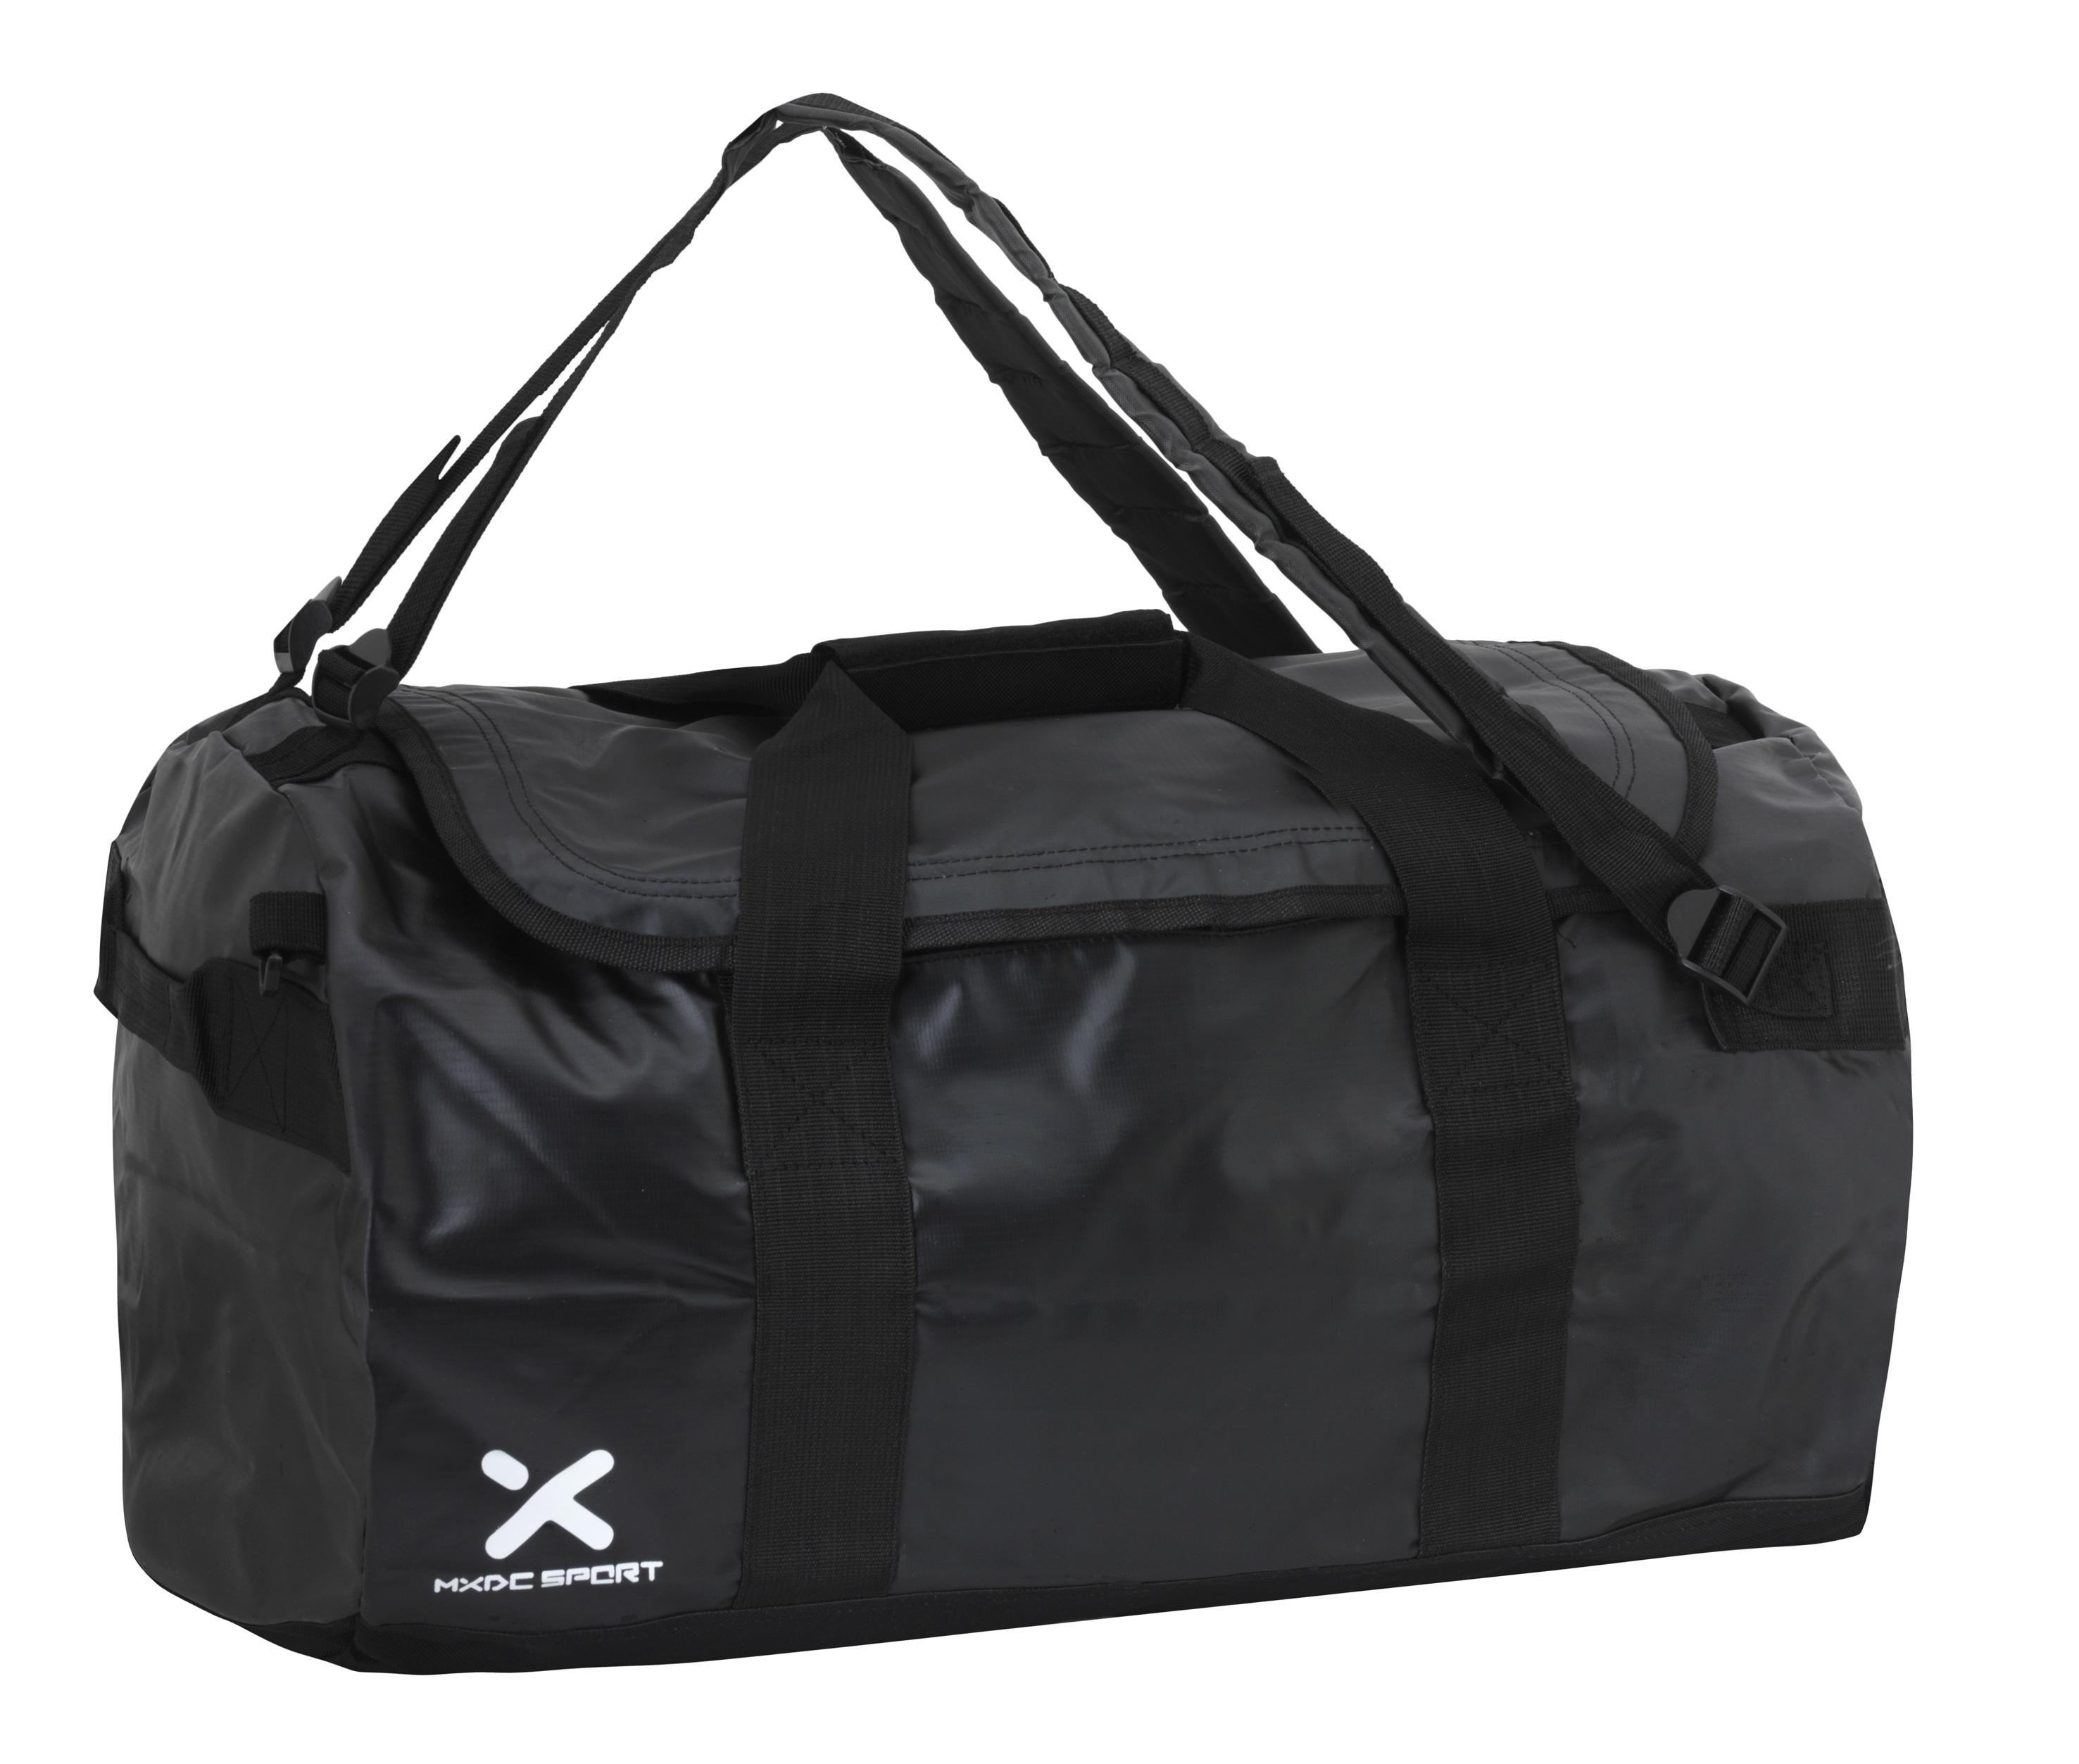 Túi xách đựng đồ thể thao MXDC